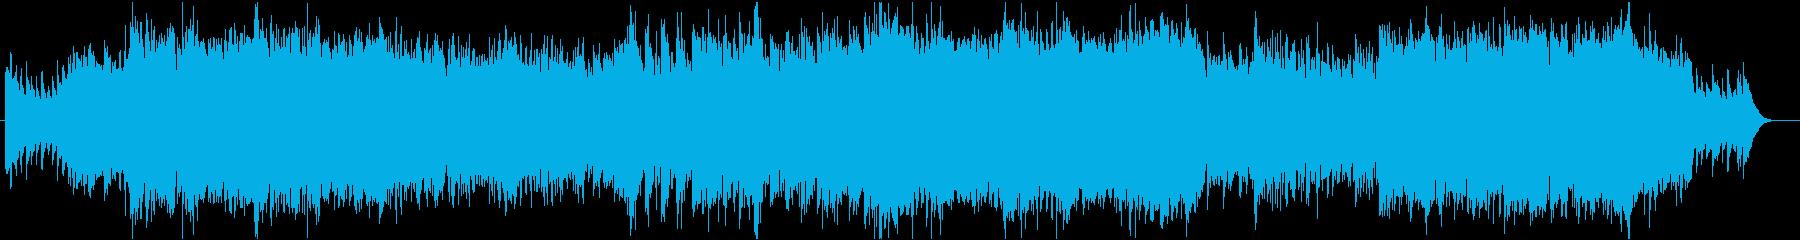 壮大な3拍子ケルト風BGM:オープニングの再生済みの波形